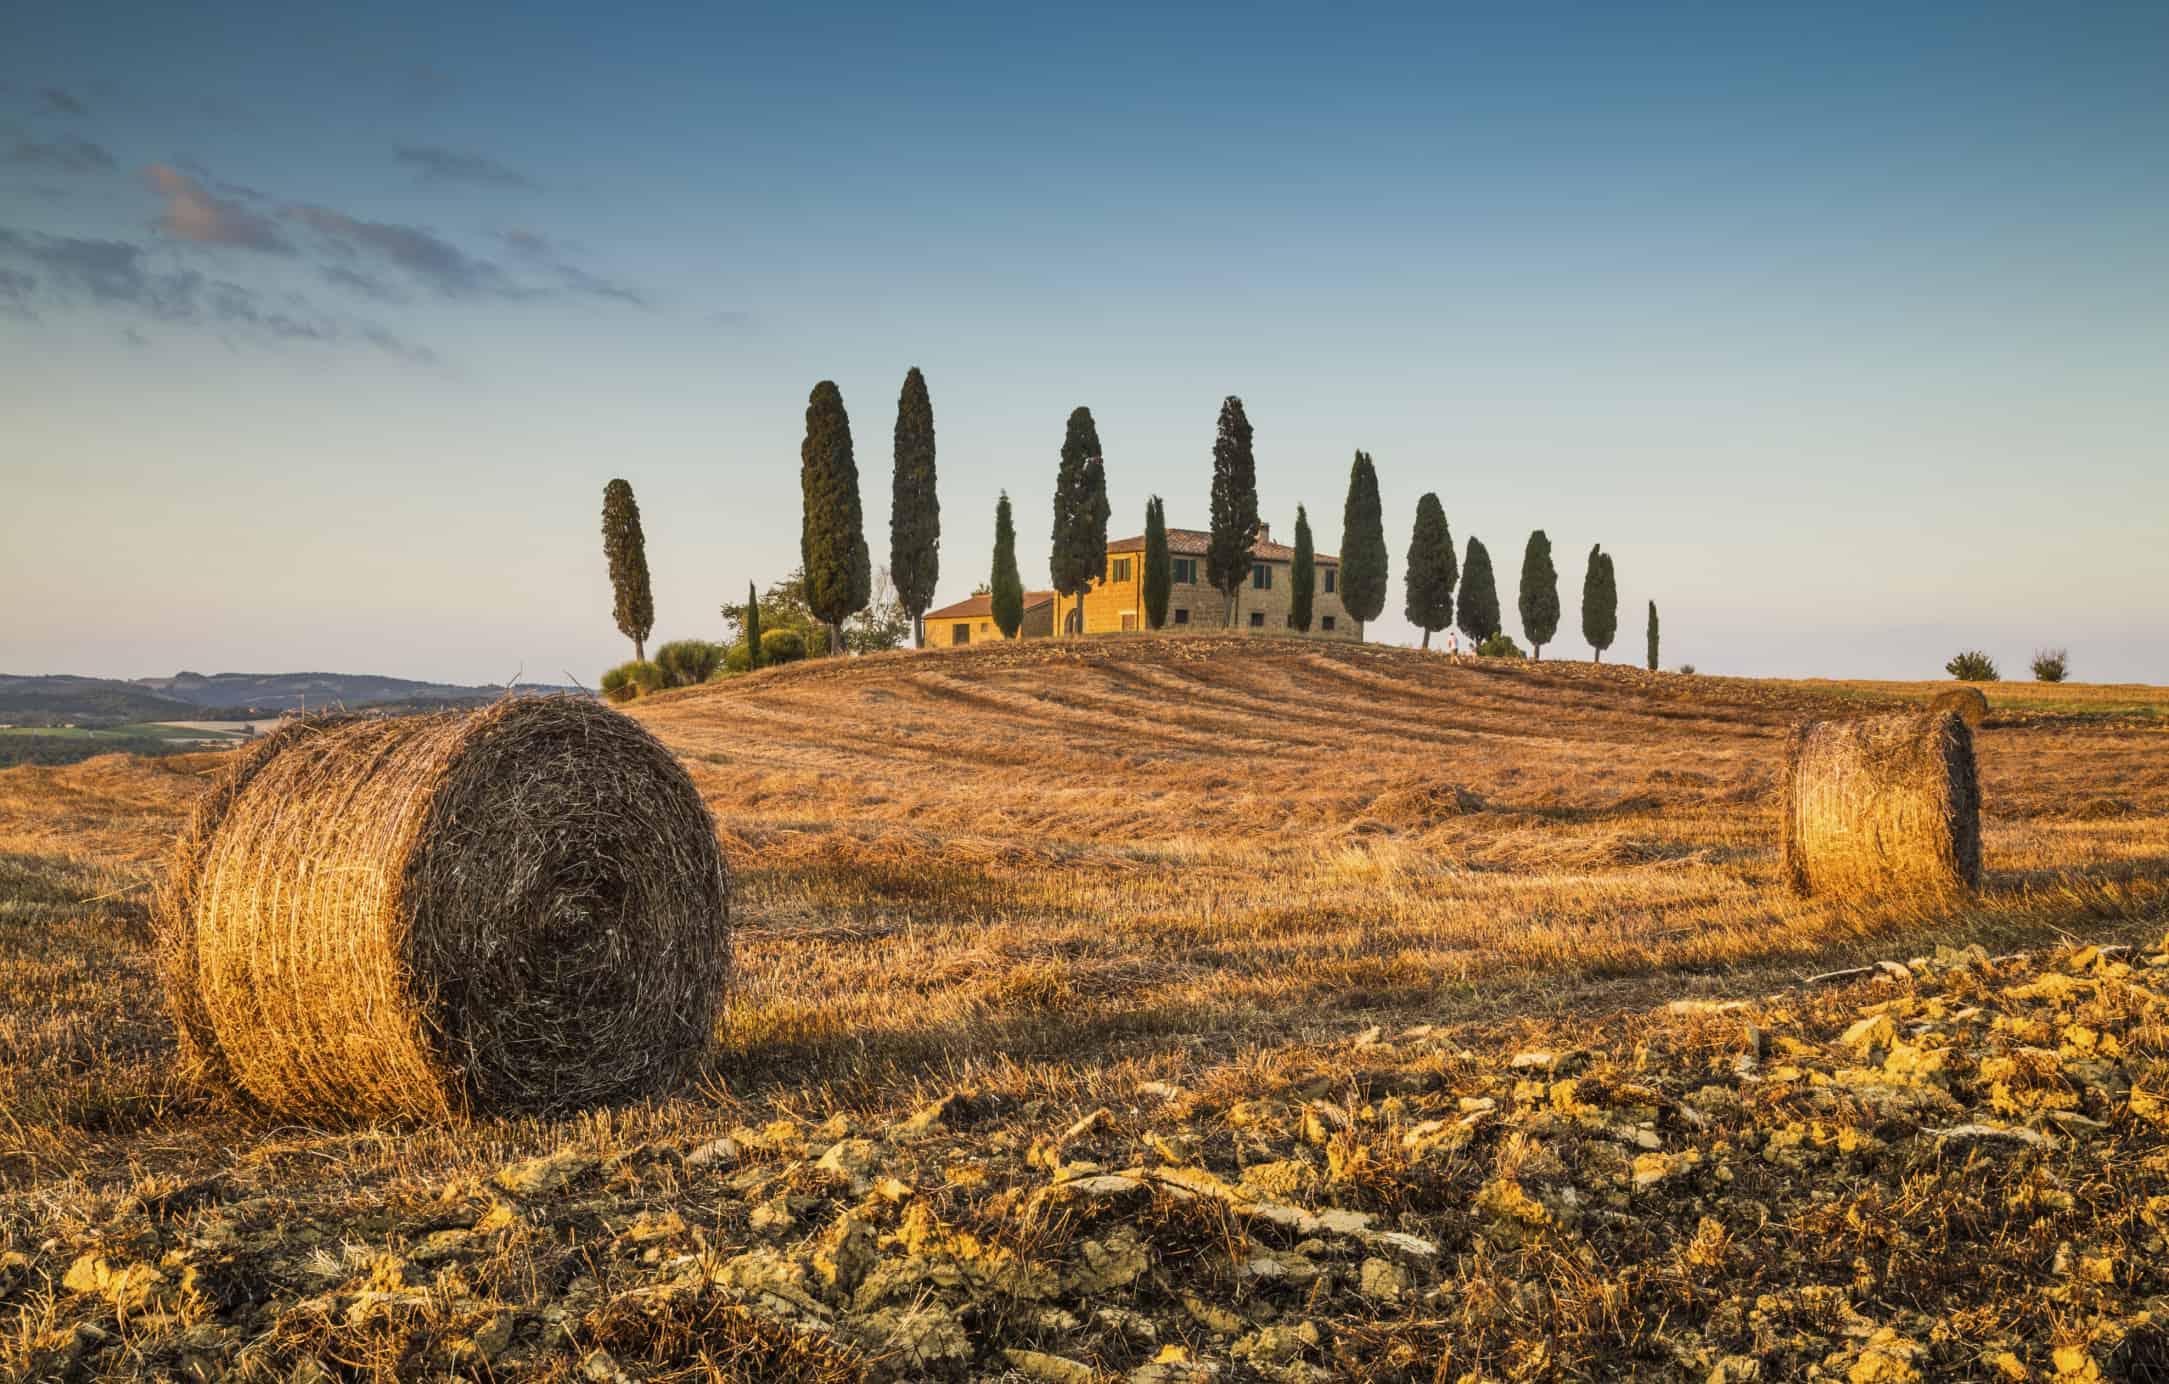 Et typisk landskab i Toscana - oplev det på en rundrejse